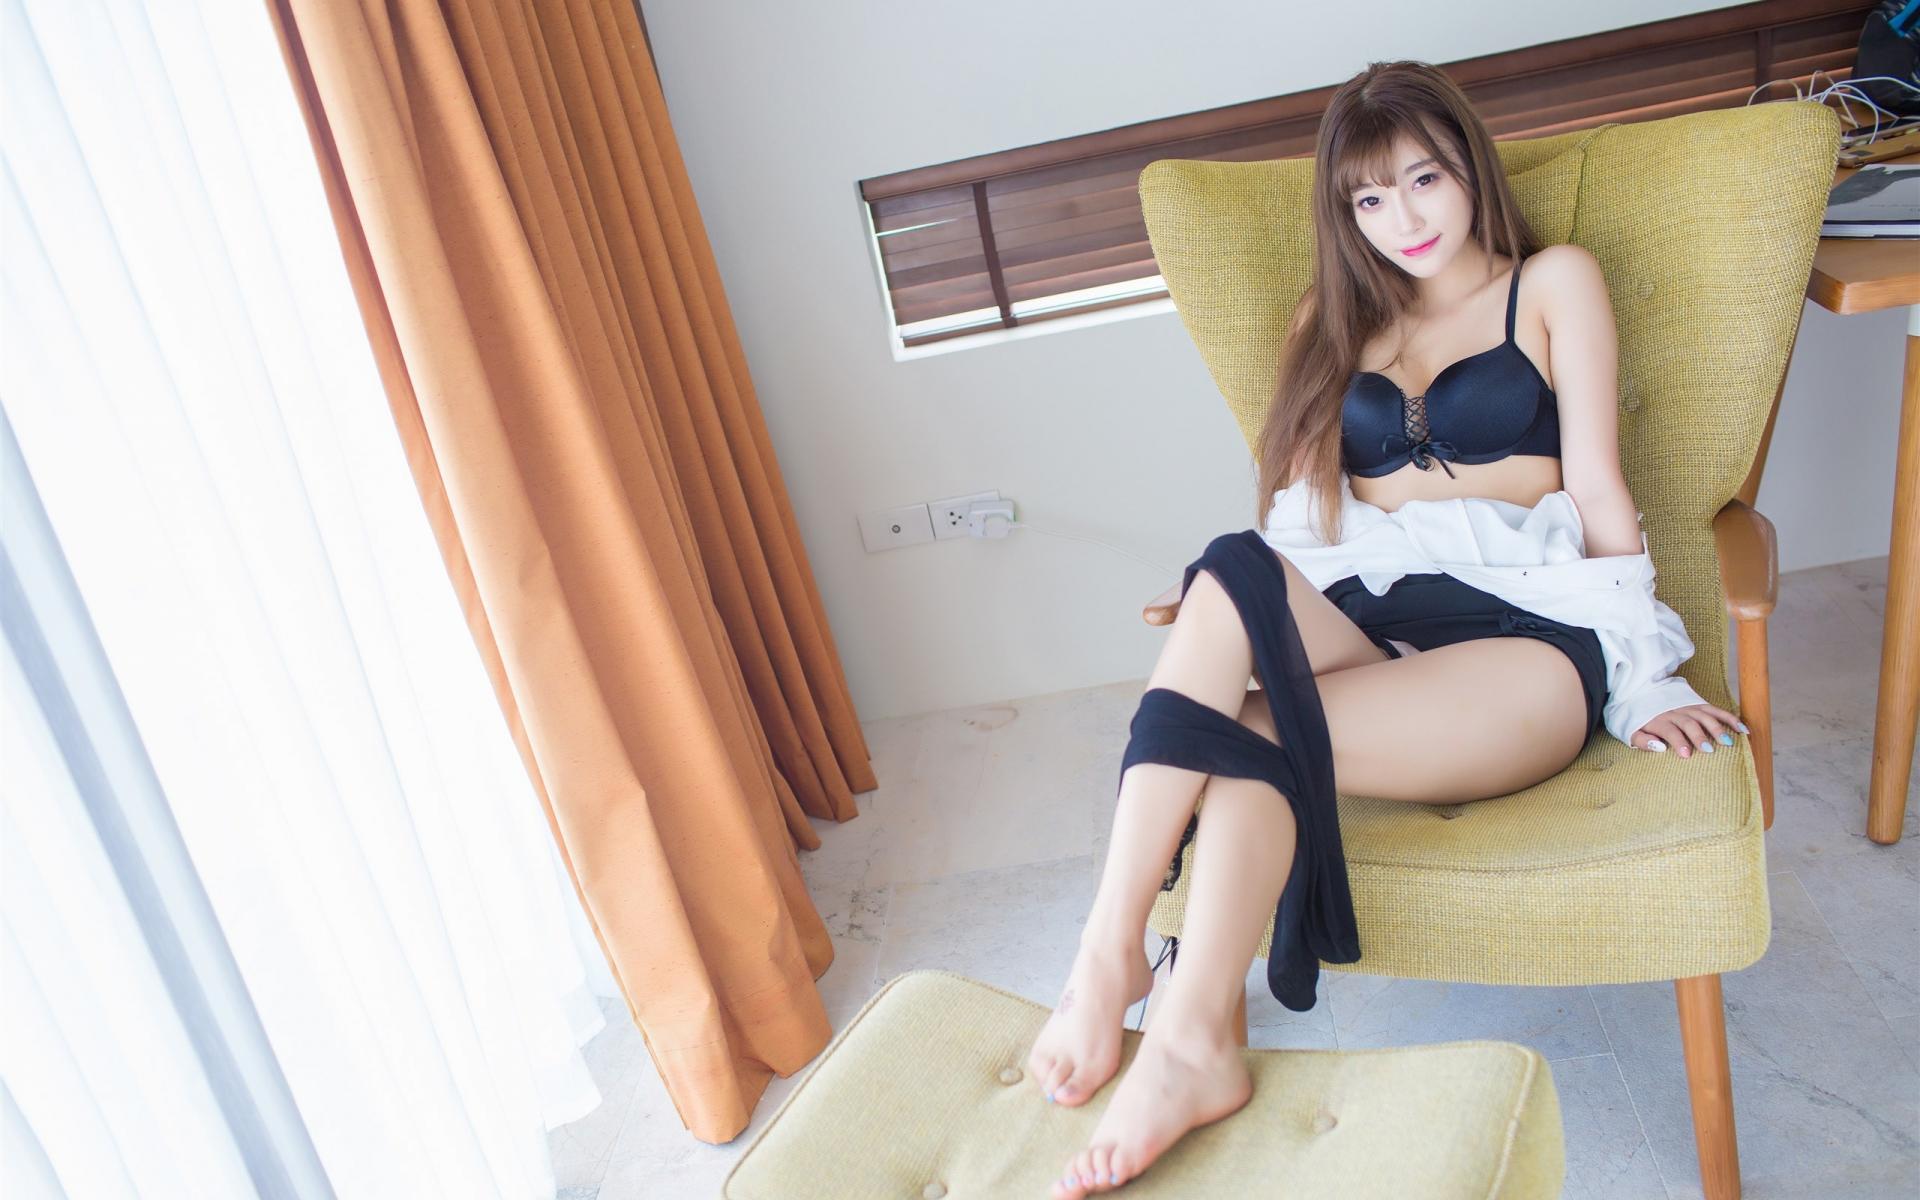 4K专区,丝袜美腿,,性感,,美腿,,妩媚,诱惑